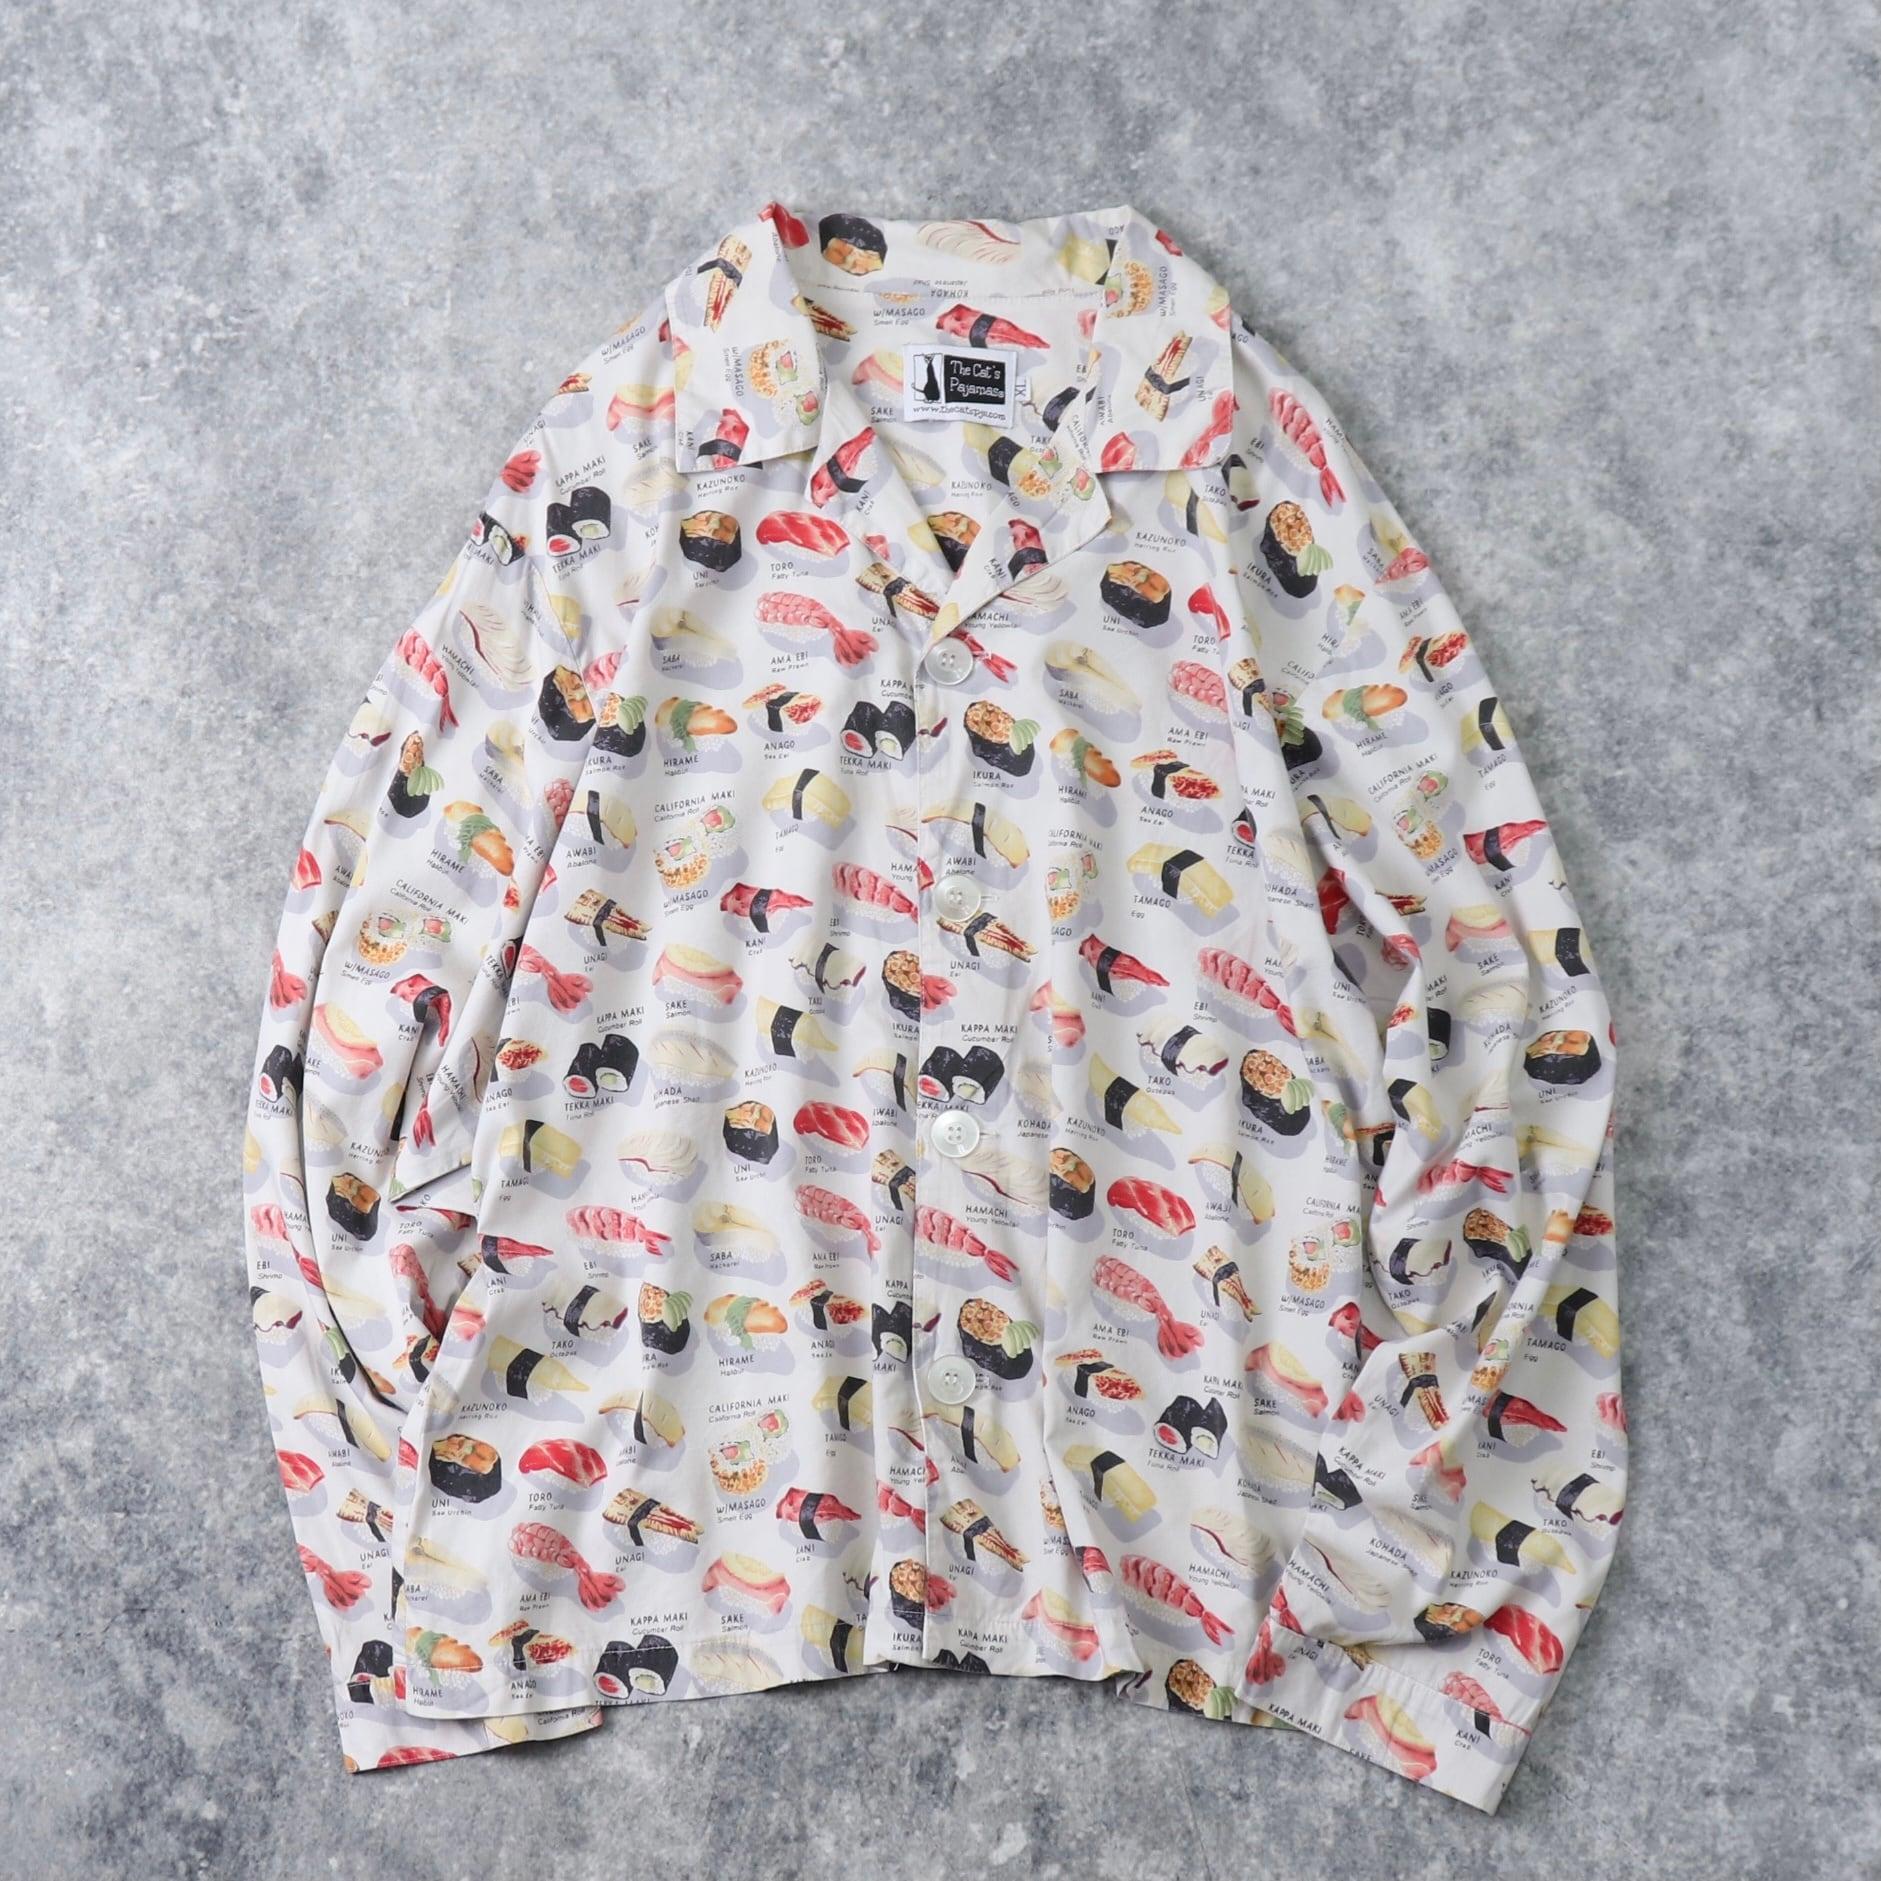 """00年代 """" 寿司 """" 総柄パジャマシャツ XL 古着 A94"""